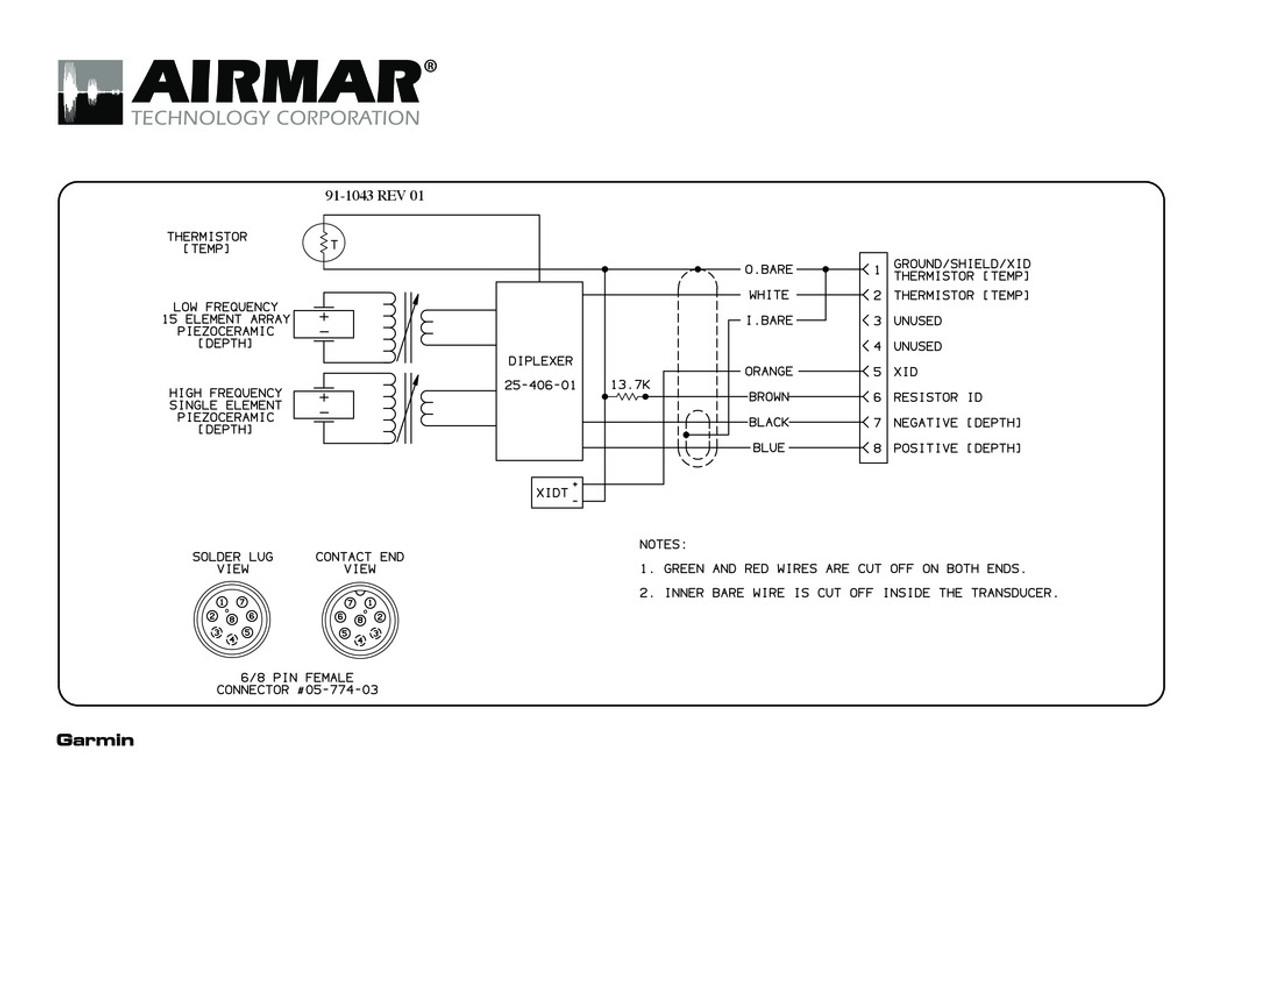 airmar wiring diagram garmin r99 8 pin d t blue bottle marine garmin 8 pin wiring diagram [ 1100 x 850 Pixel ]